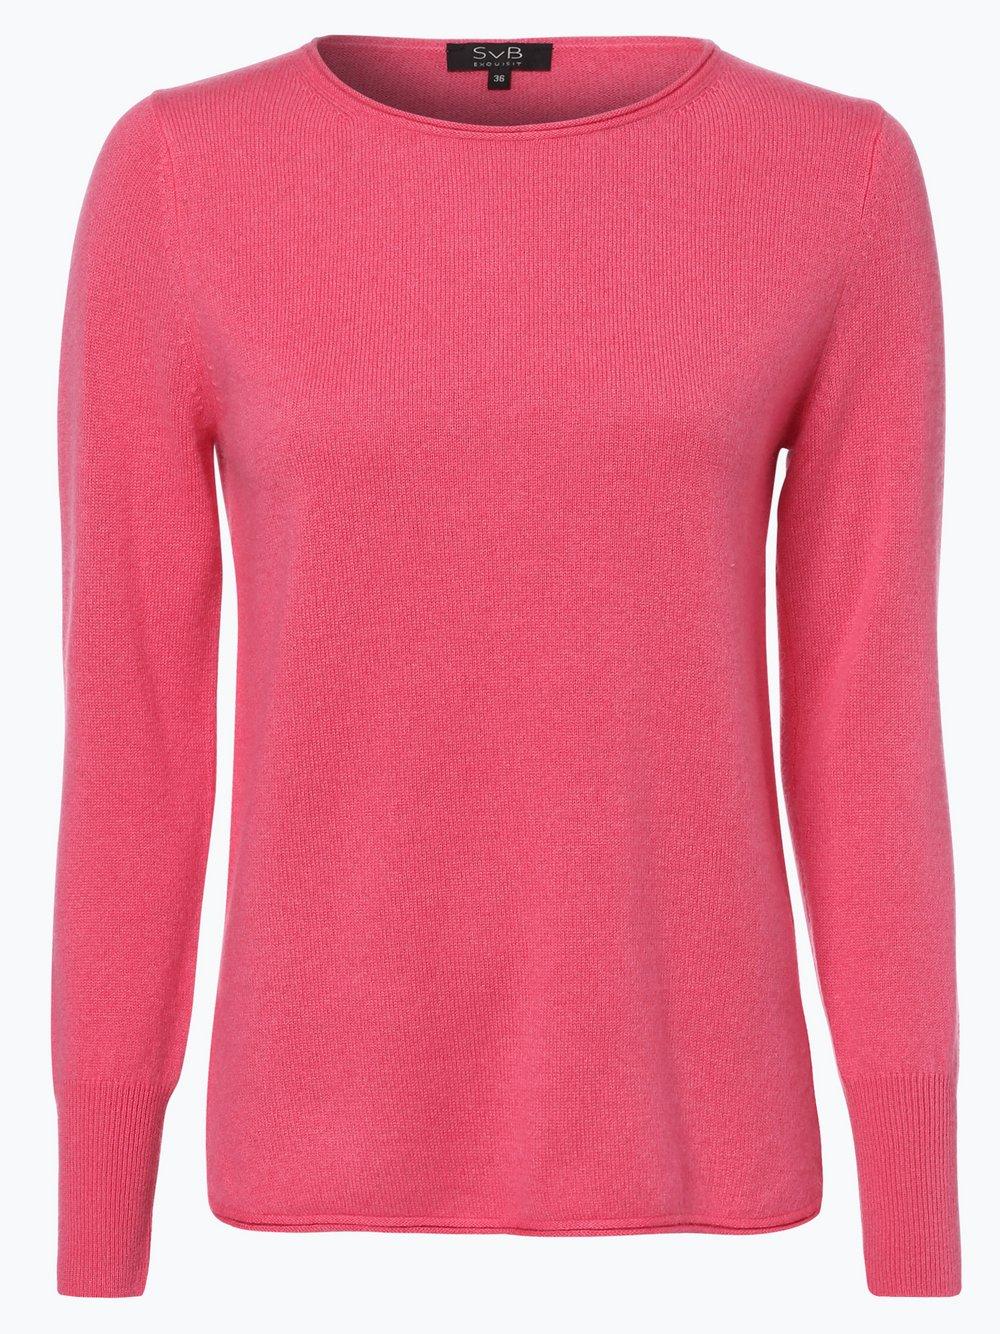 premium selection a1b81 f5895 SvB Exquisit Damen Pure Cashmere Pullover online kaufen ...